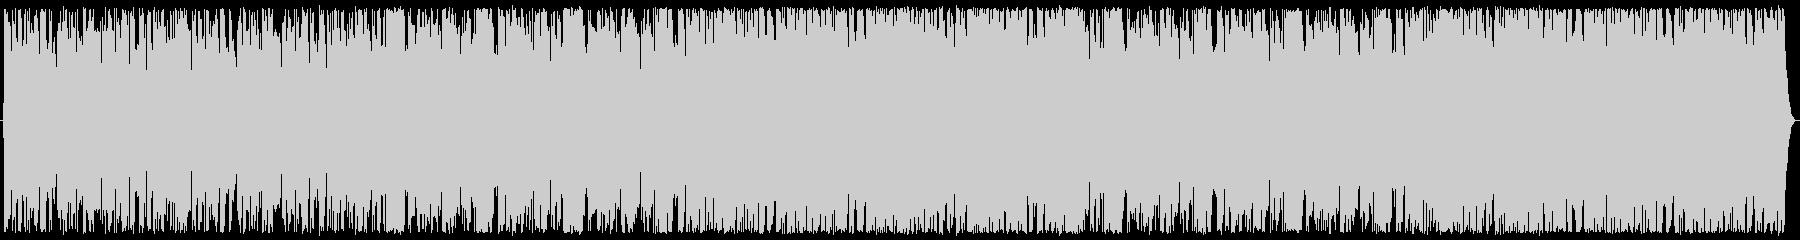 急展開、焦燥感を煽る曲の未再生の波形